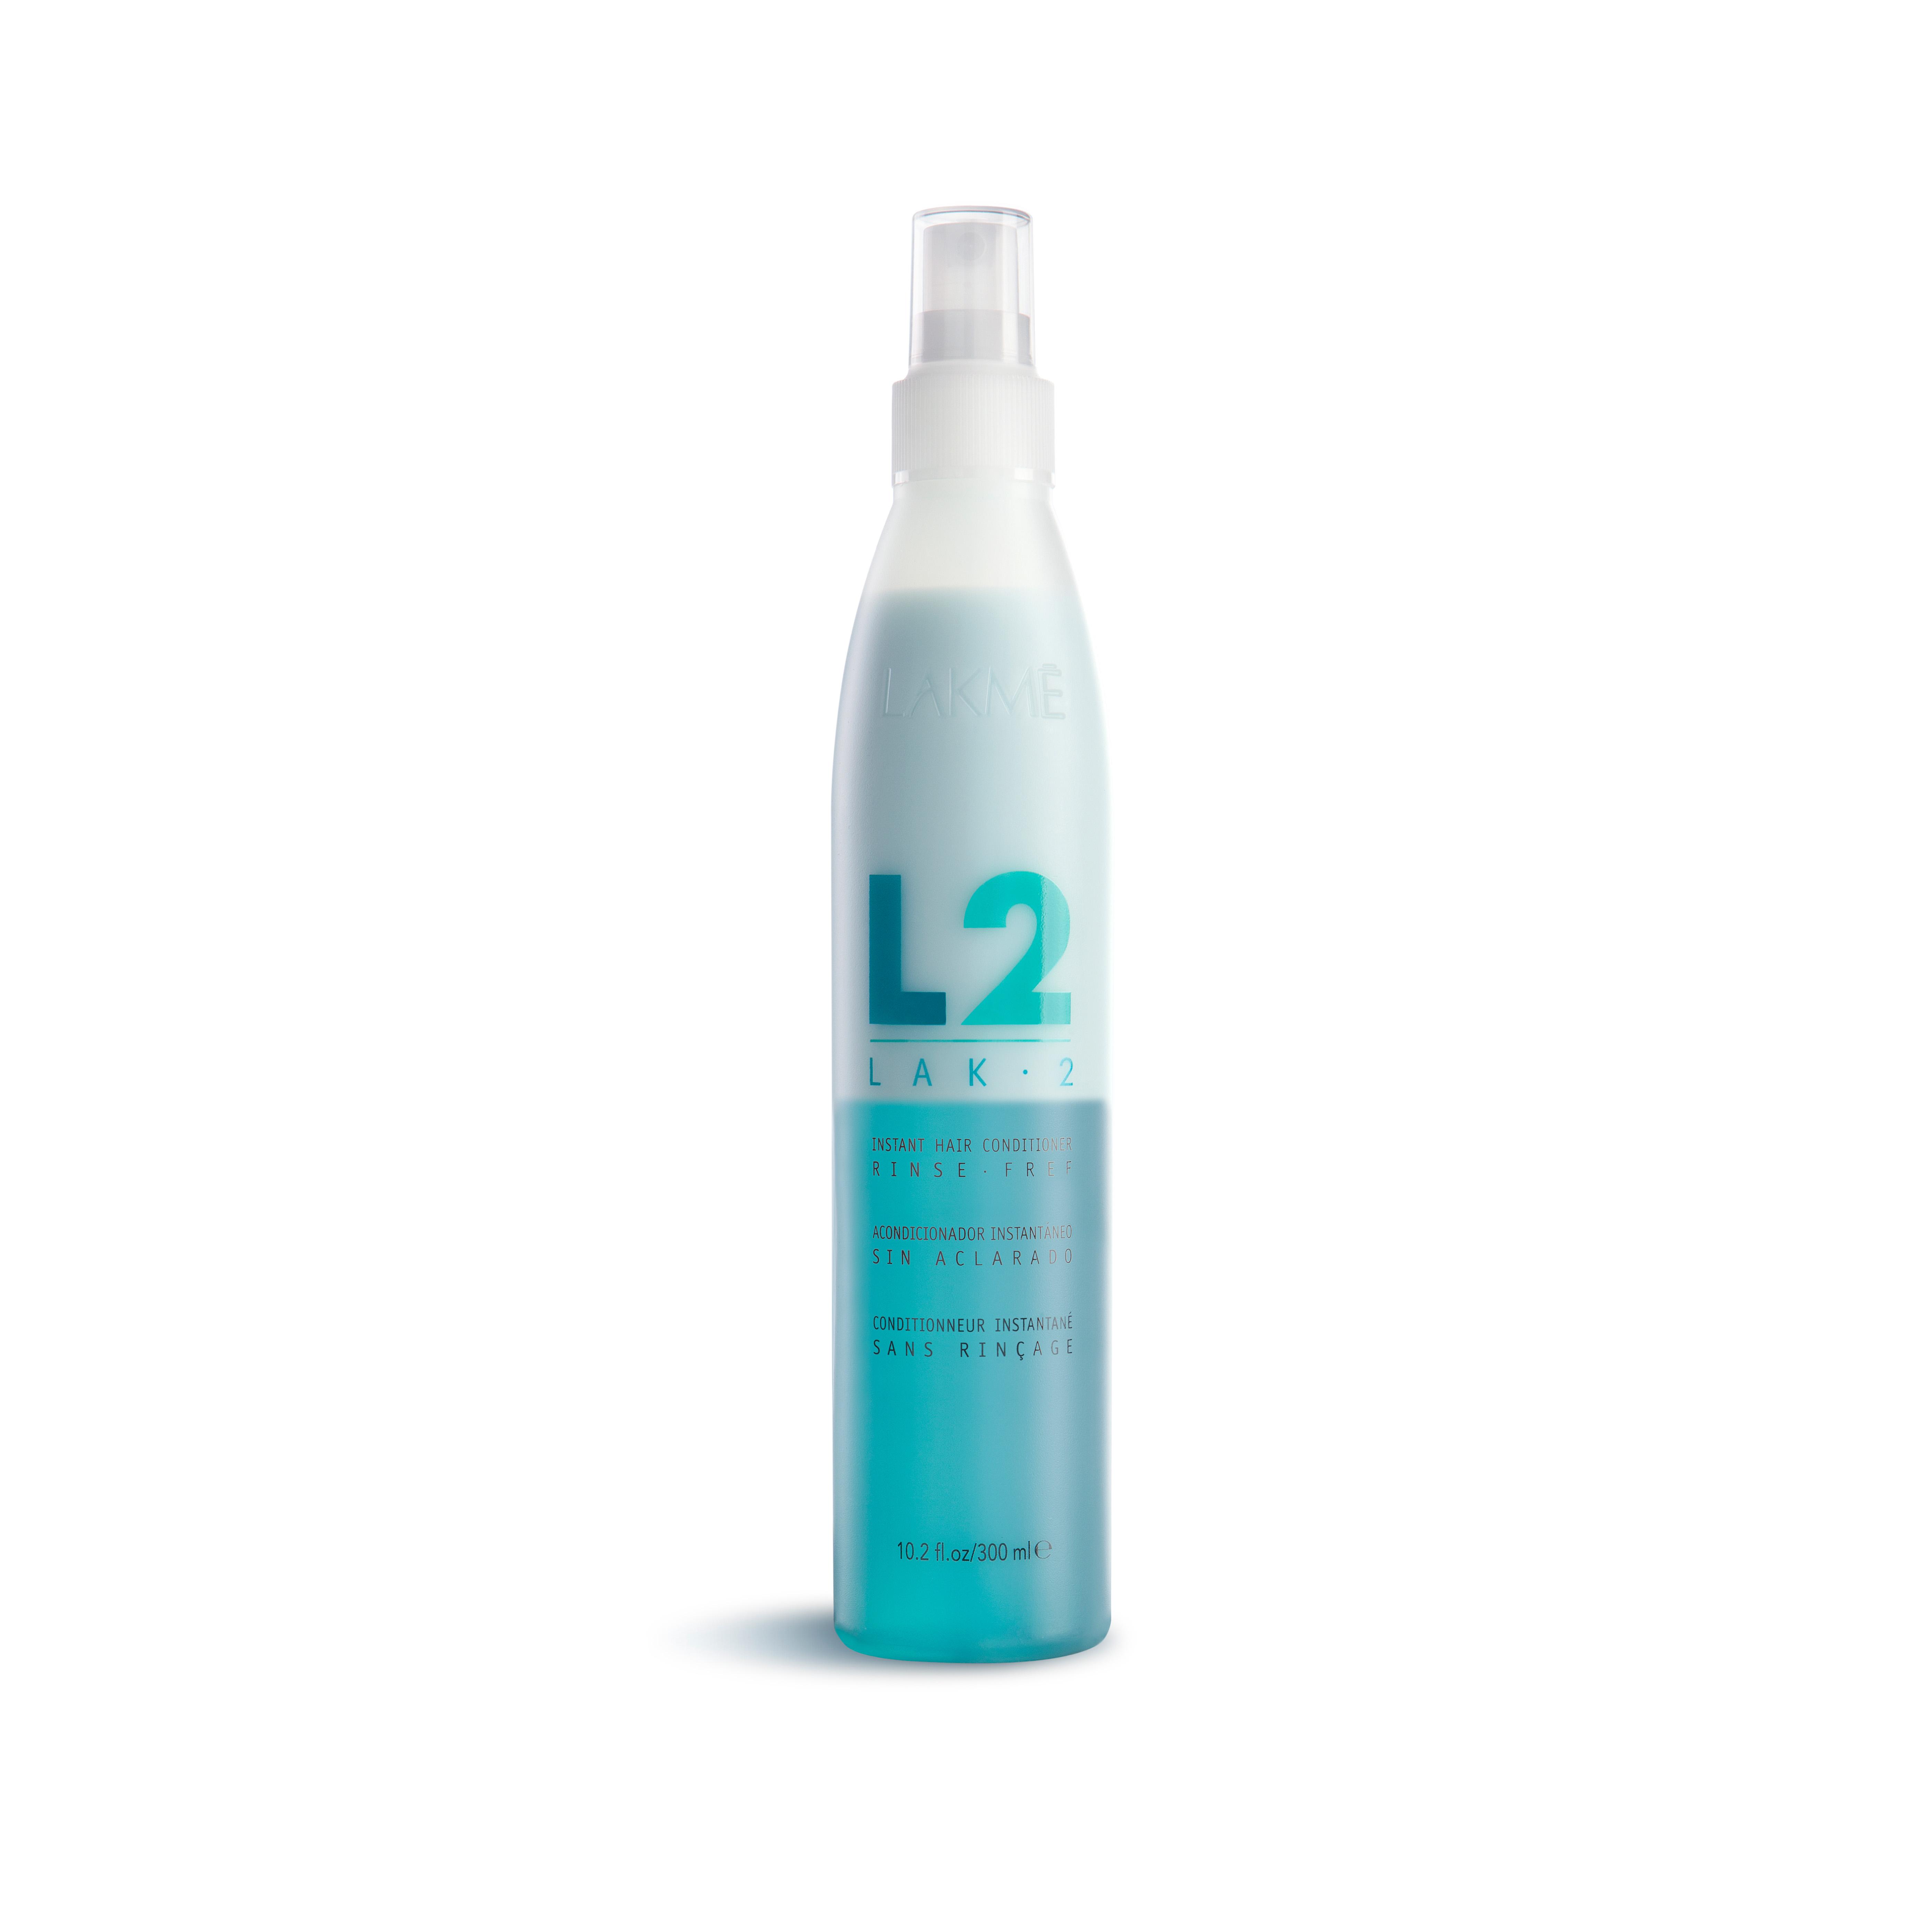 Xịt dưỡng Lak-2 cân bằng pH 300ml